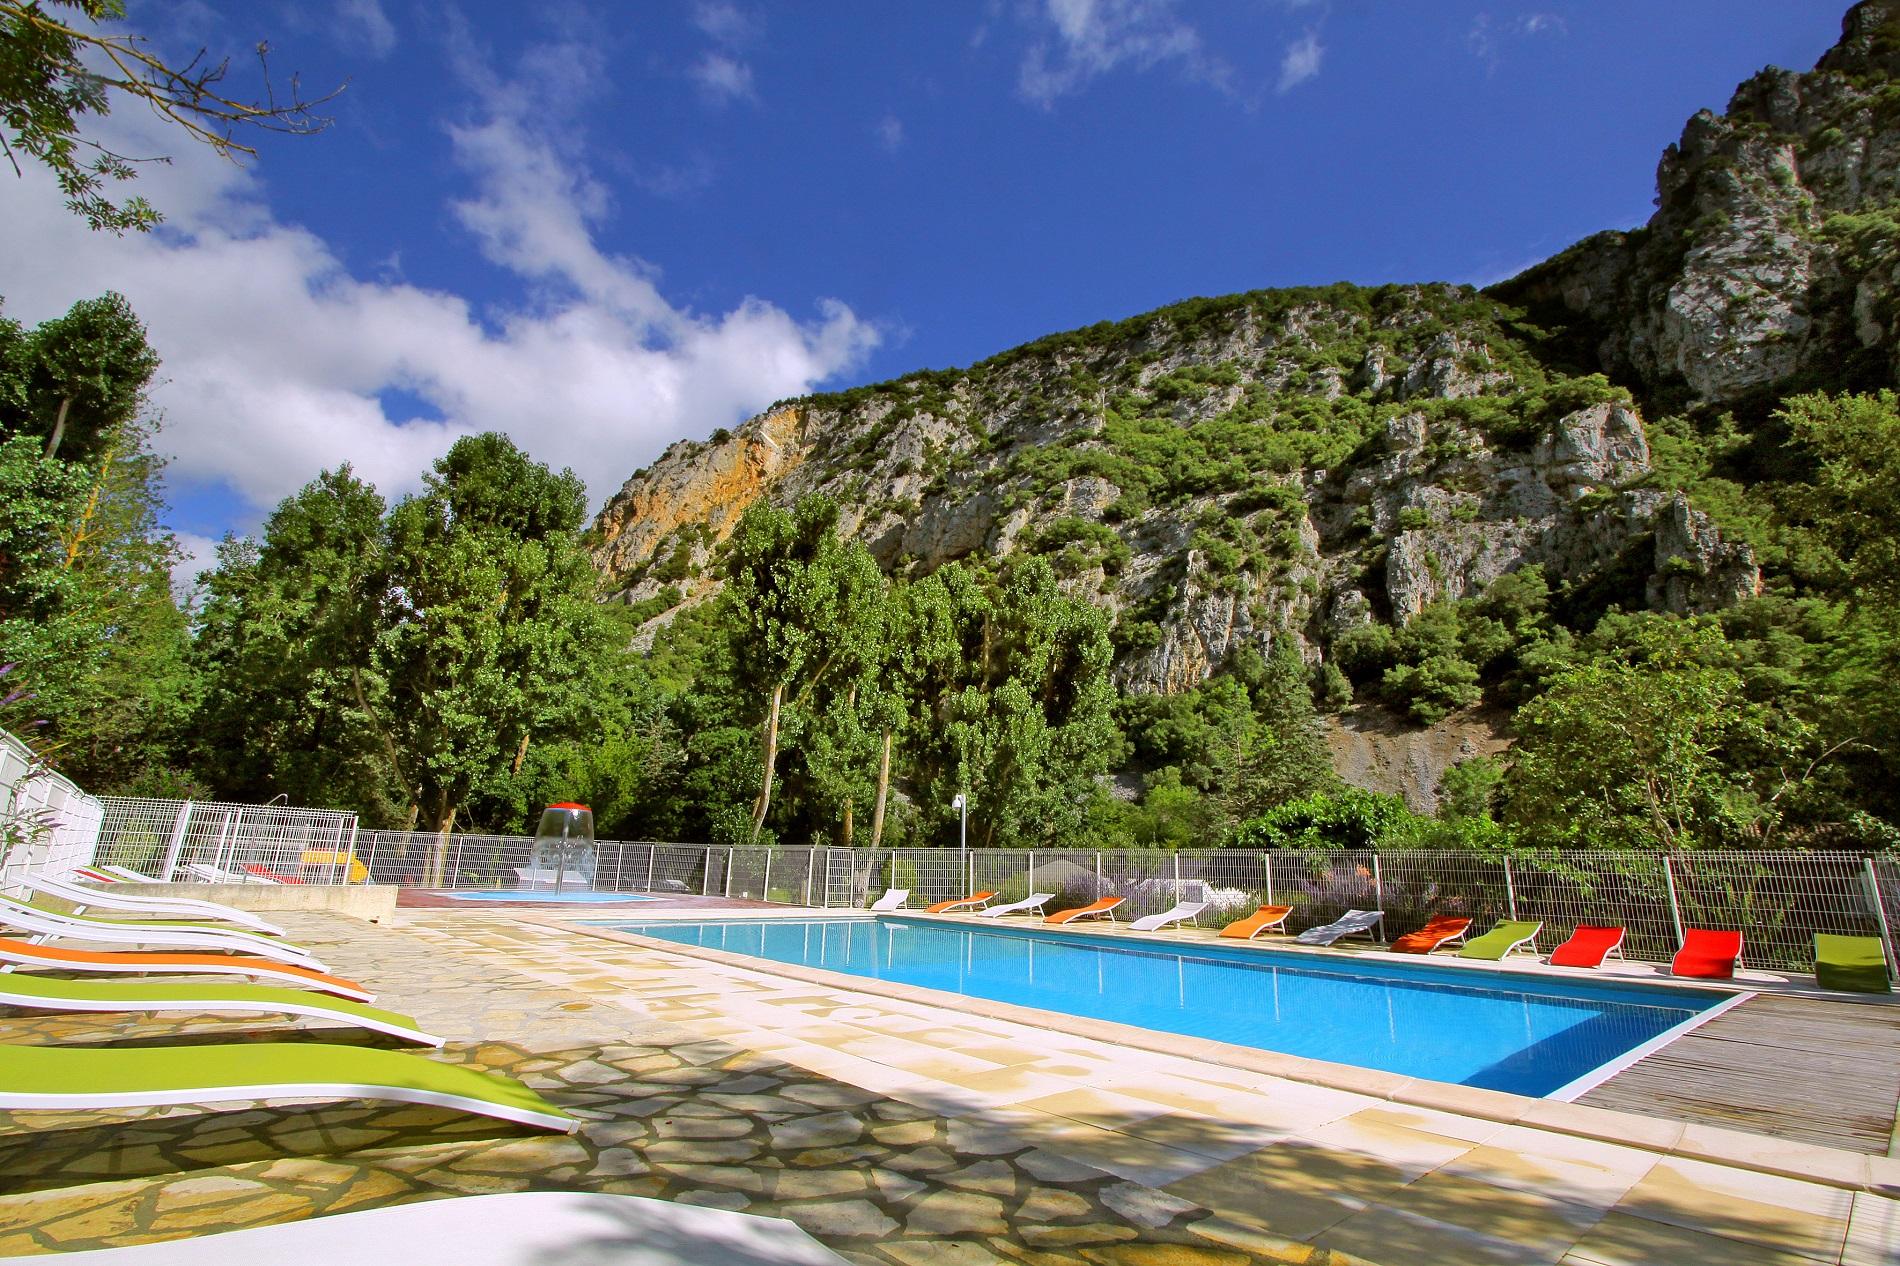 Choisissez une location pas chère dans un camping dans le Sud de la France